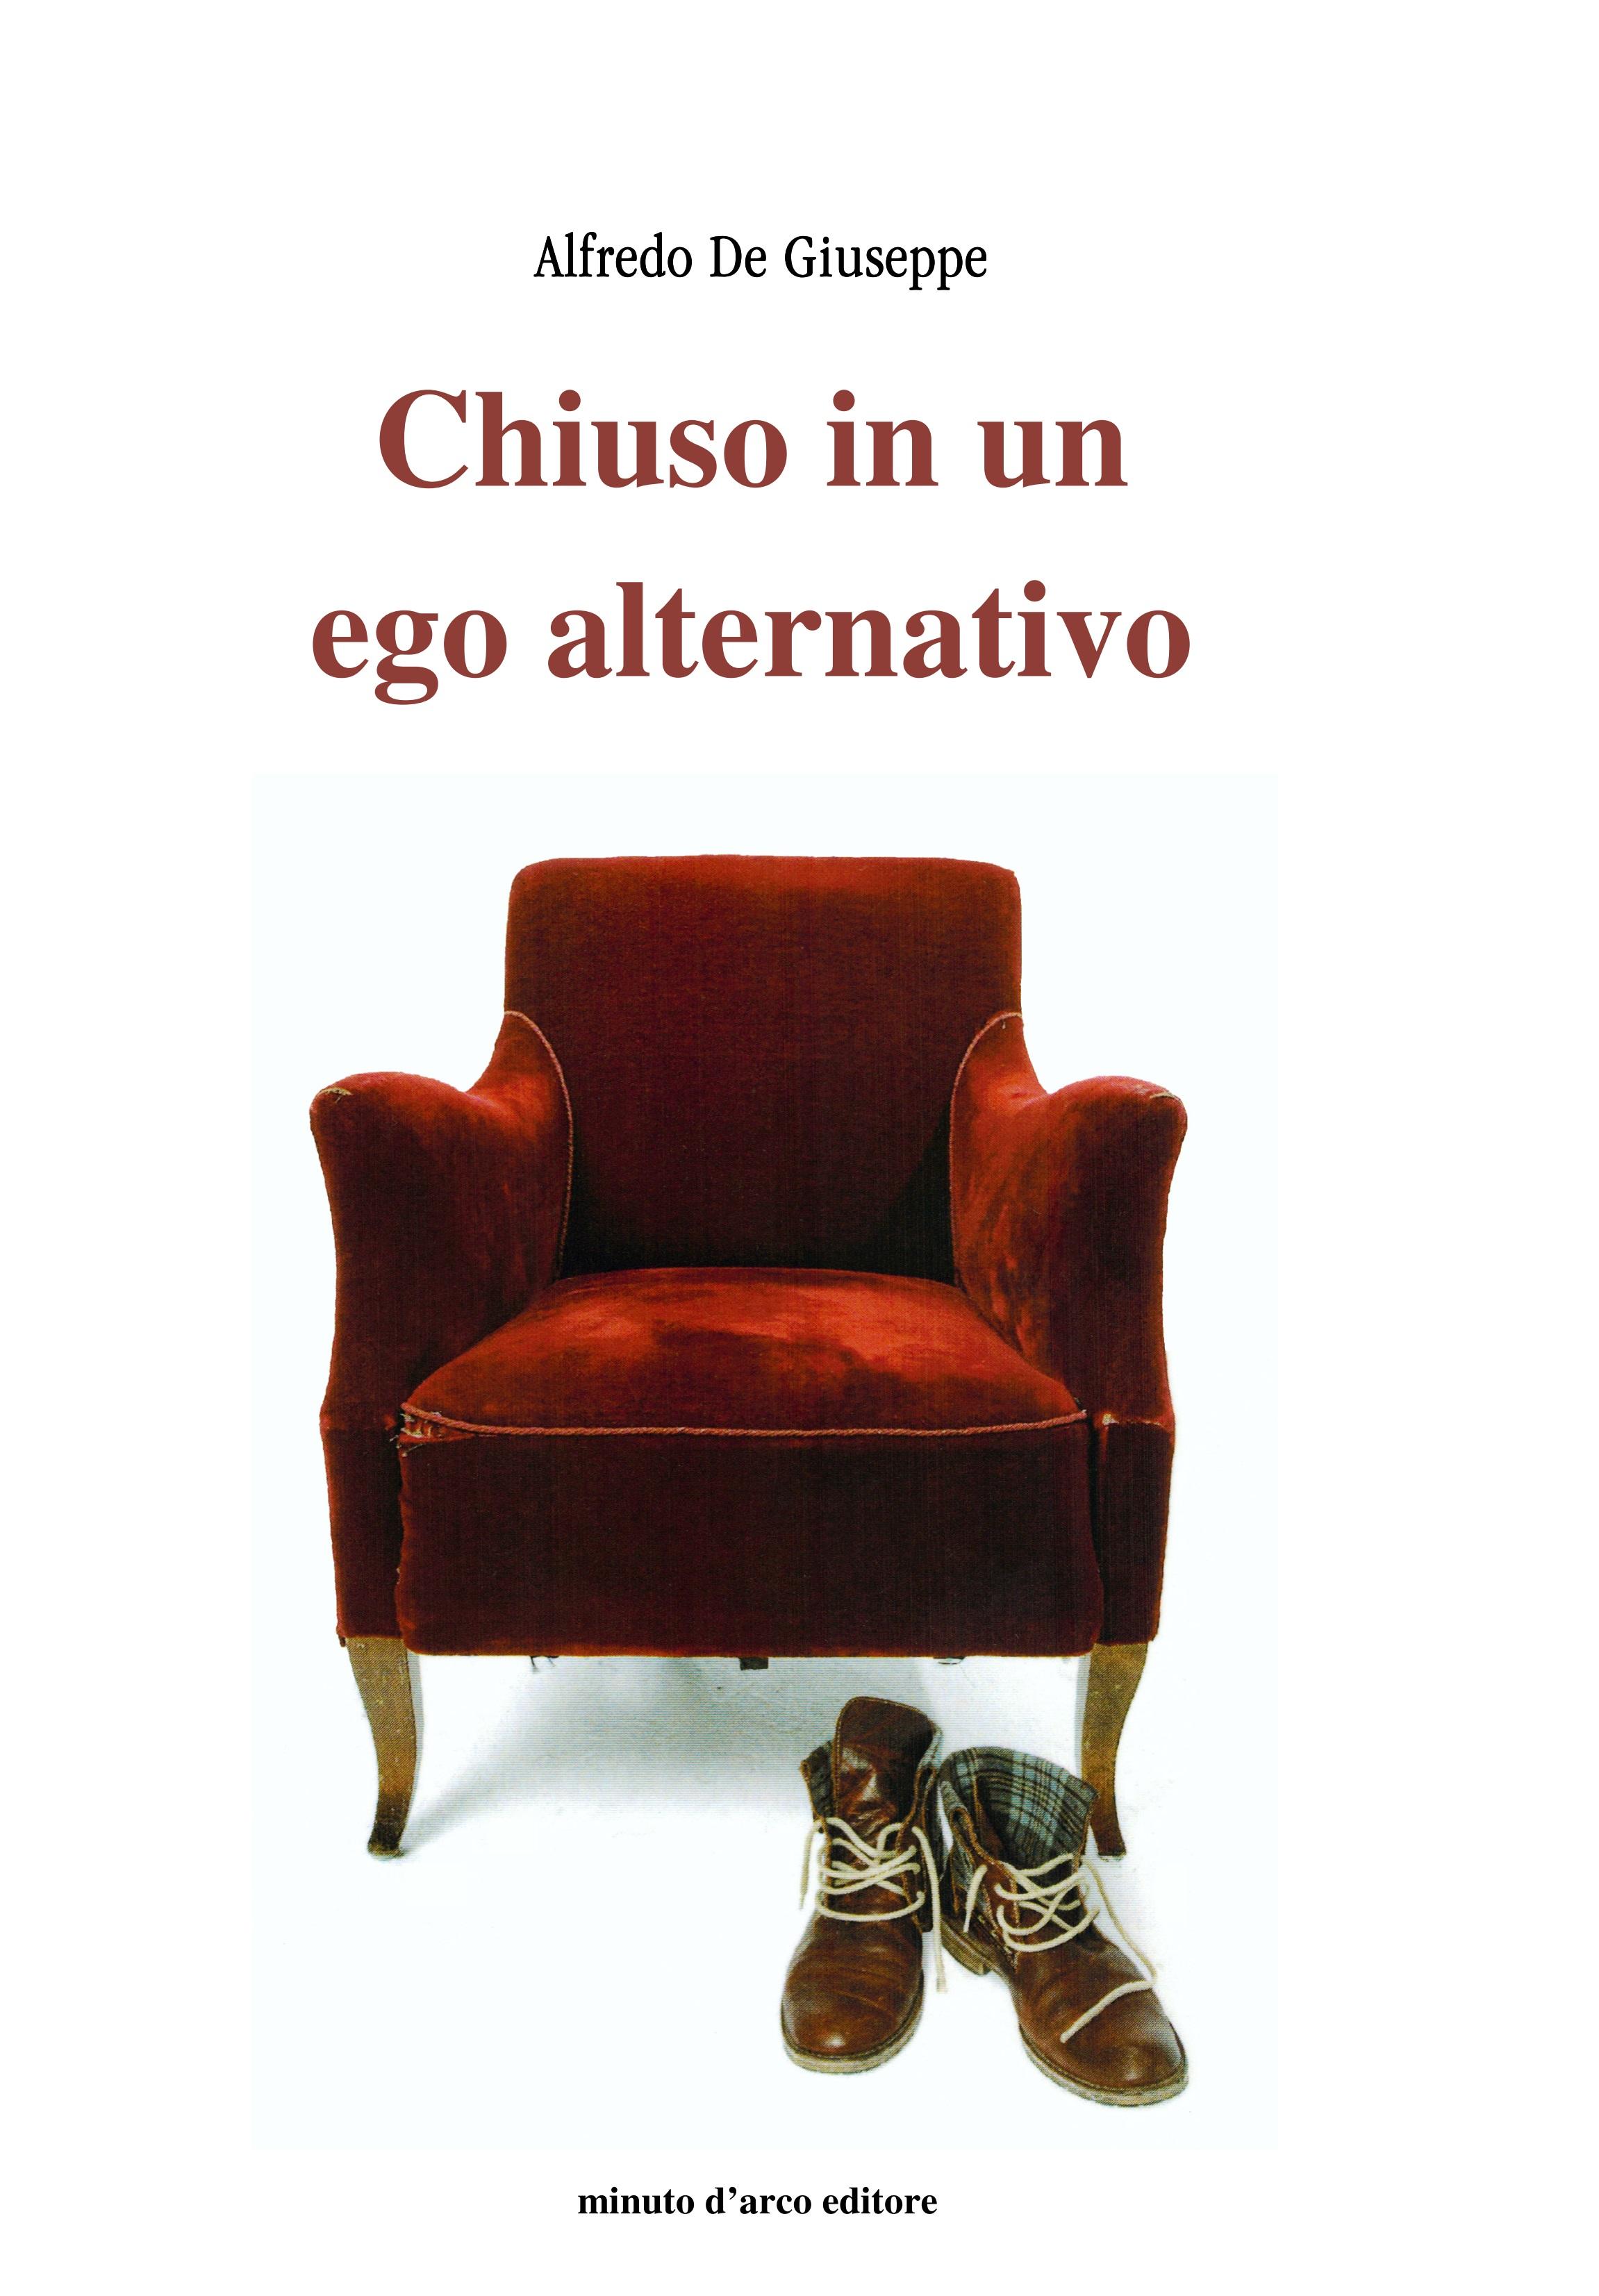 Chiuso in un ego alternativo (2010)